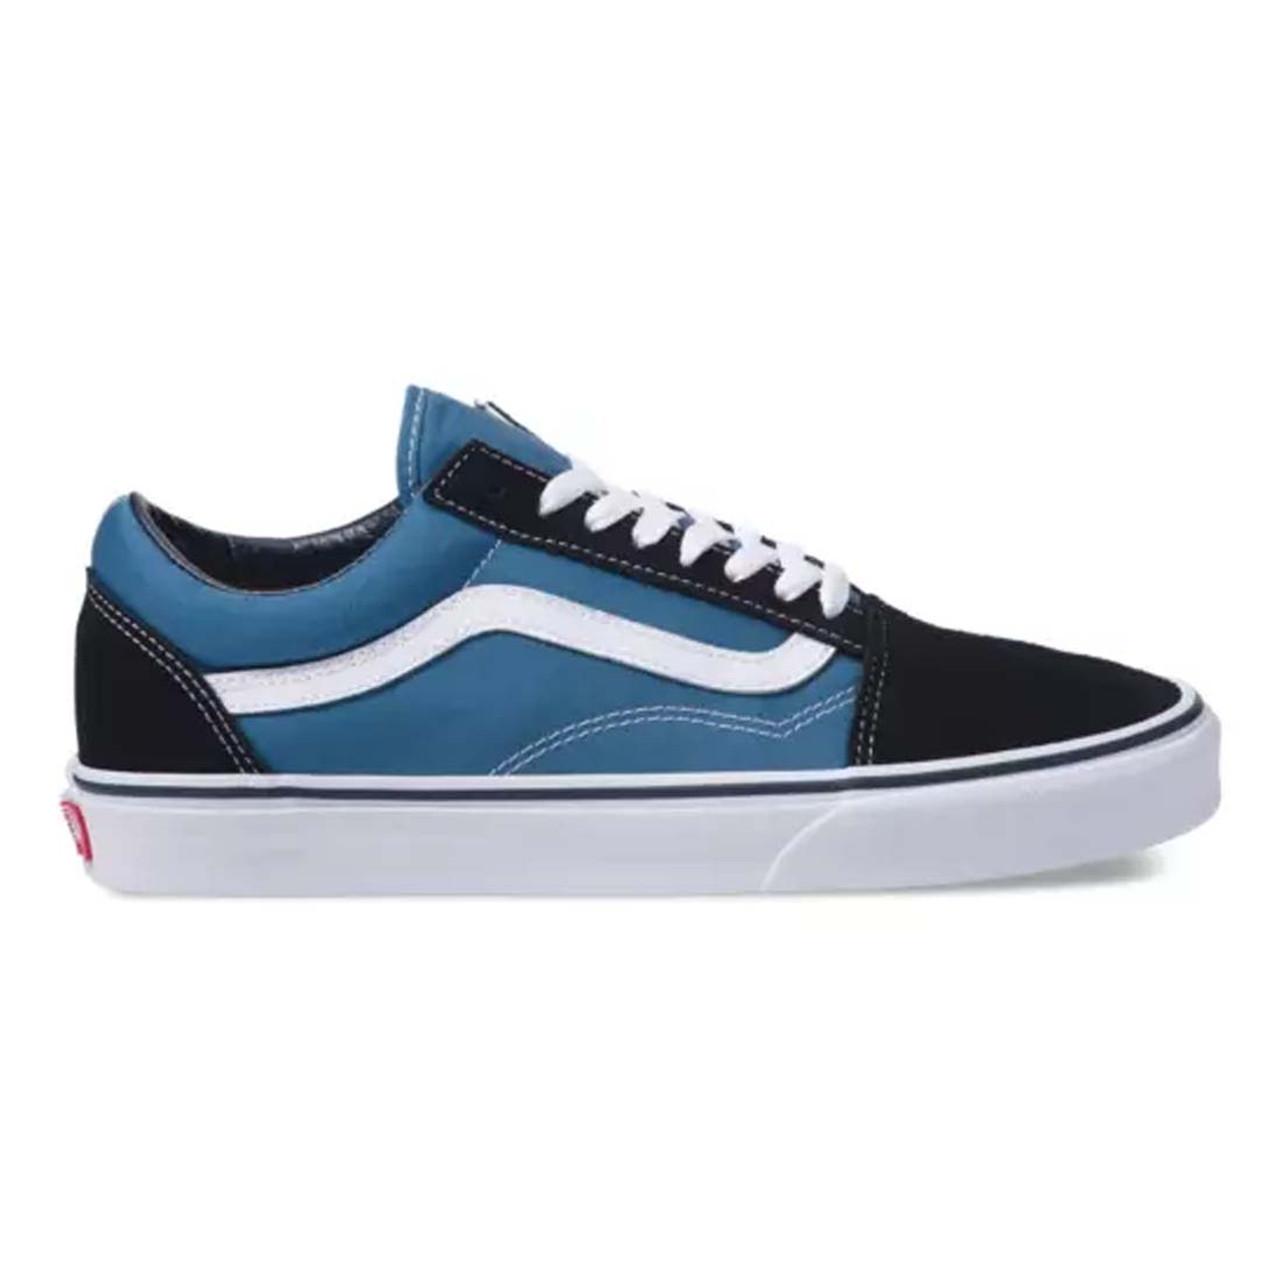 Vans Men's Old Skool Shoes NavyWhite